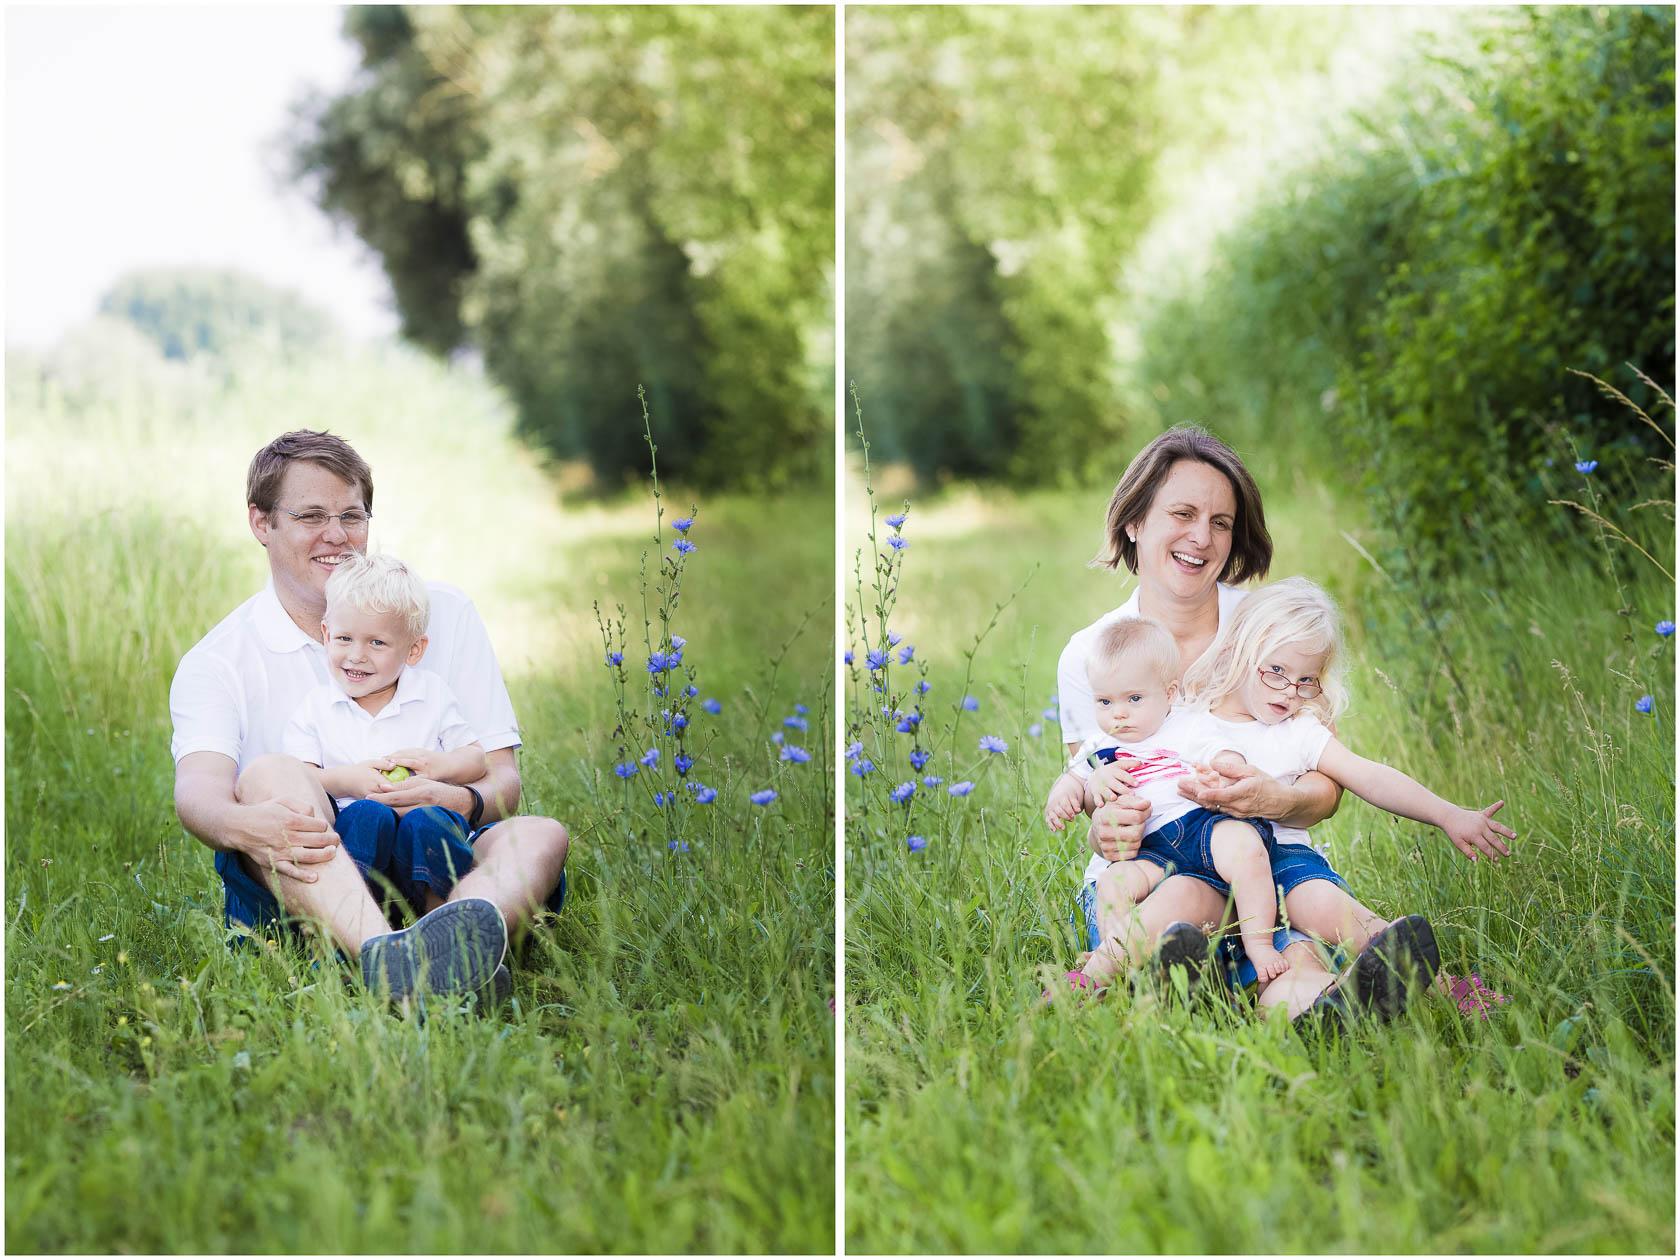 Familienfotos von Thea Philip Johannes Verena und Peter bei Speyer Familienfoto im hohen Gras